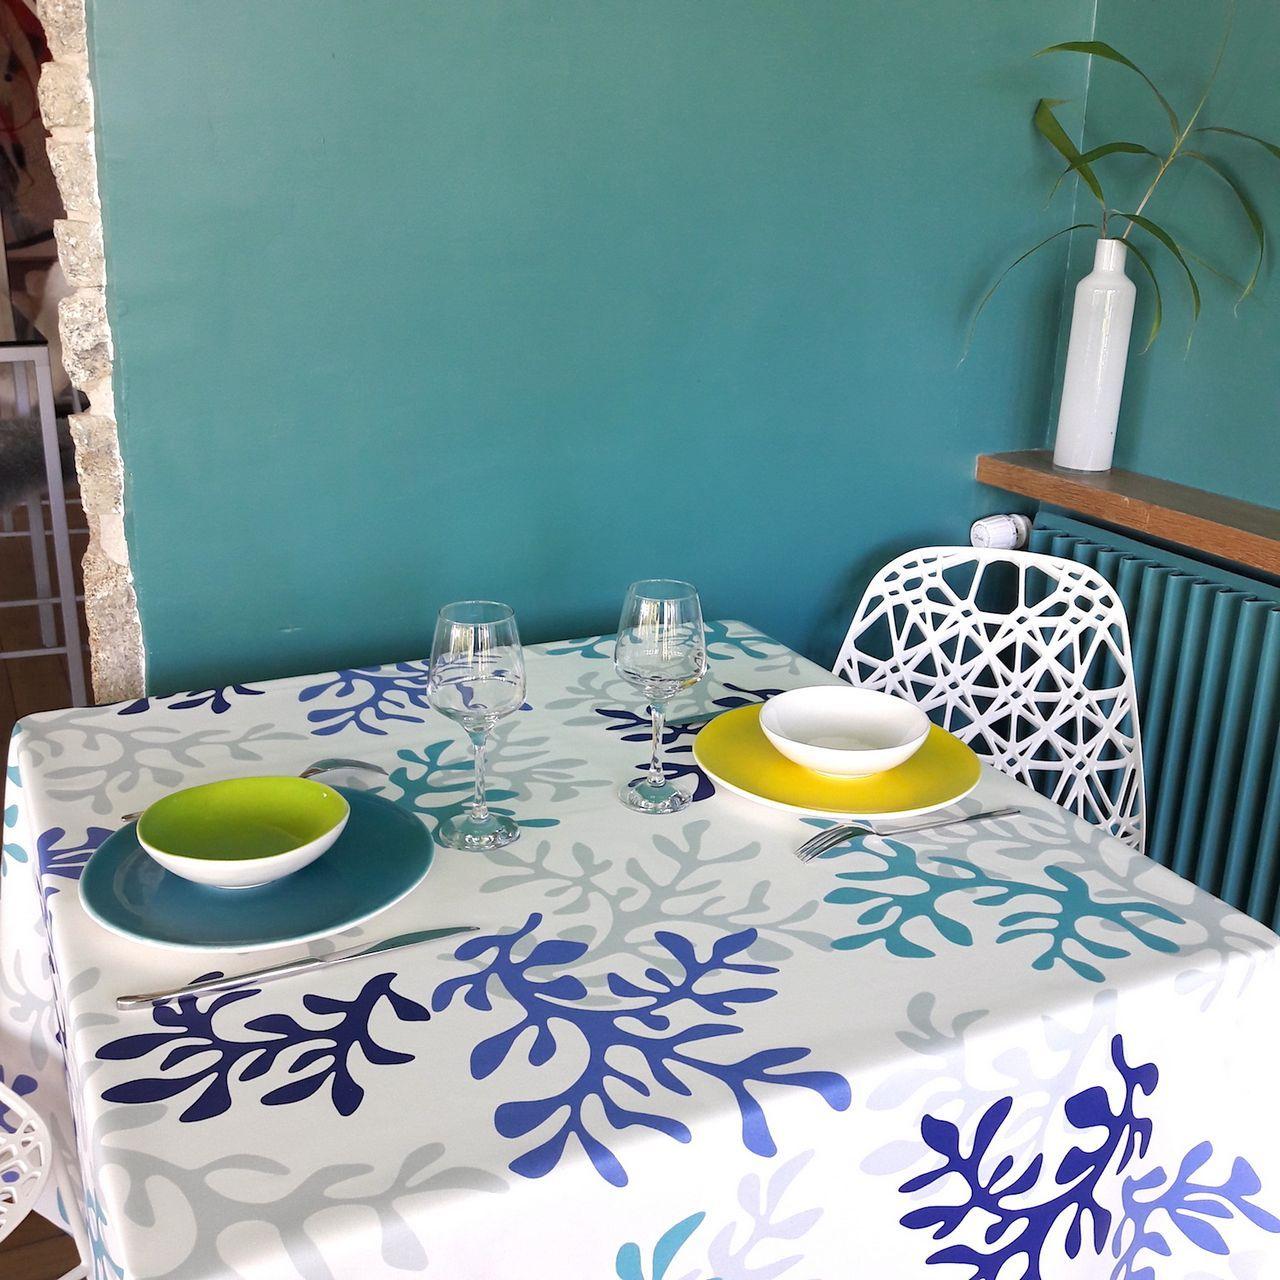 nappe enduite corail bleu ronde 160 fleur de soleil. Black Bedroom Furniture Sets. Home Design Ideas